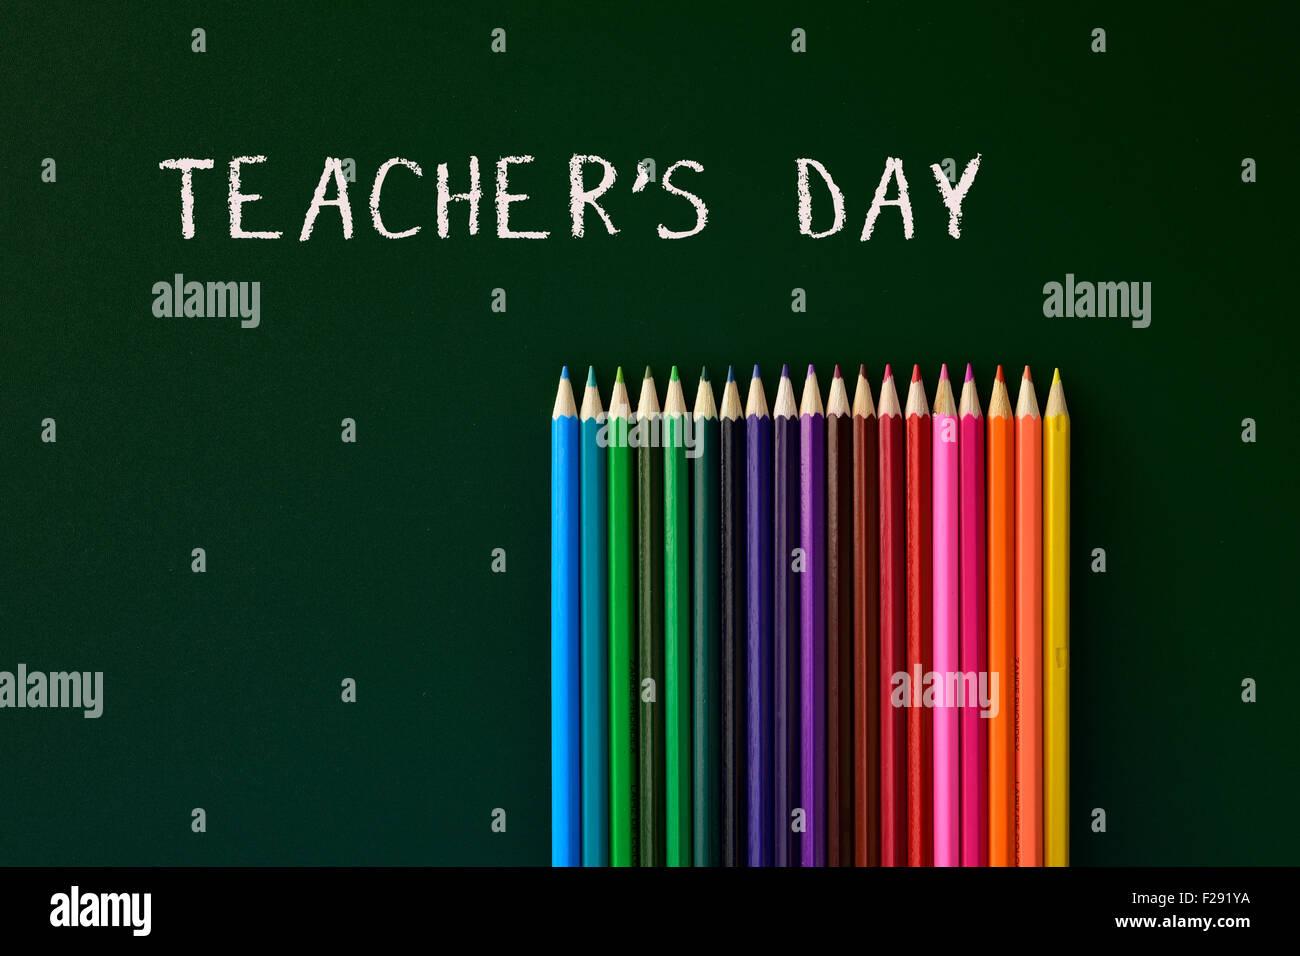 einige farbige Stifte in verschiedenen Farben und die Text-Lehrer-Tag in eine grüne Tafel geschrieben Stockbild